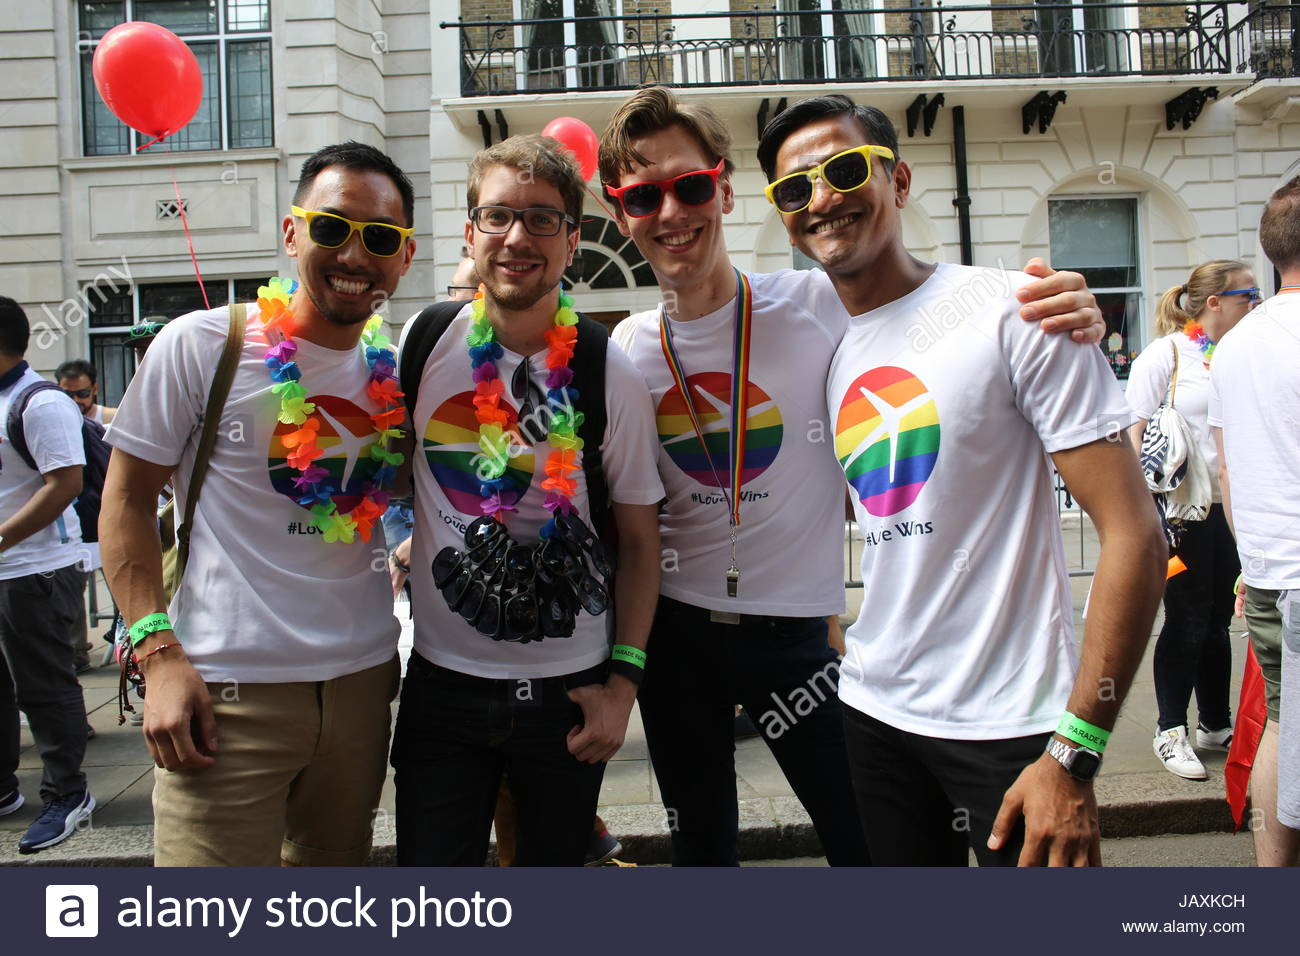 Teilnehmer an der 2016 London Pride Parade posieren für ein Foto. Stockbild